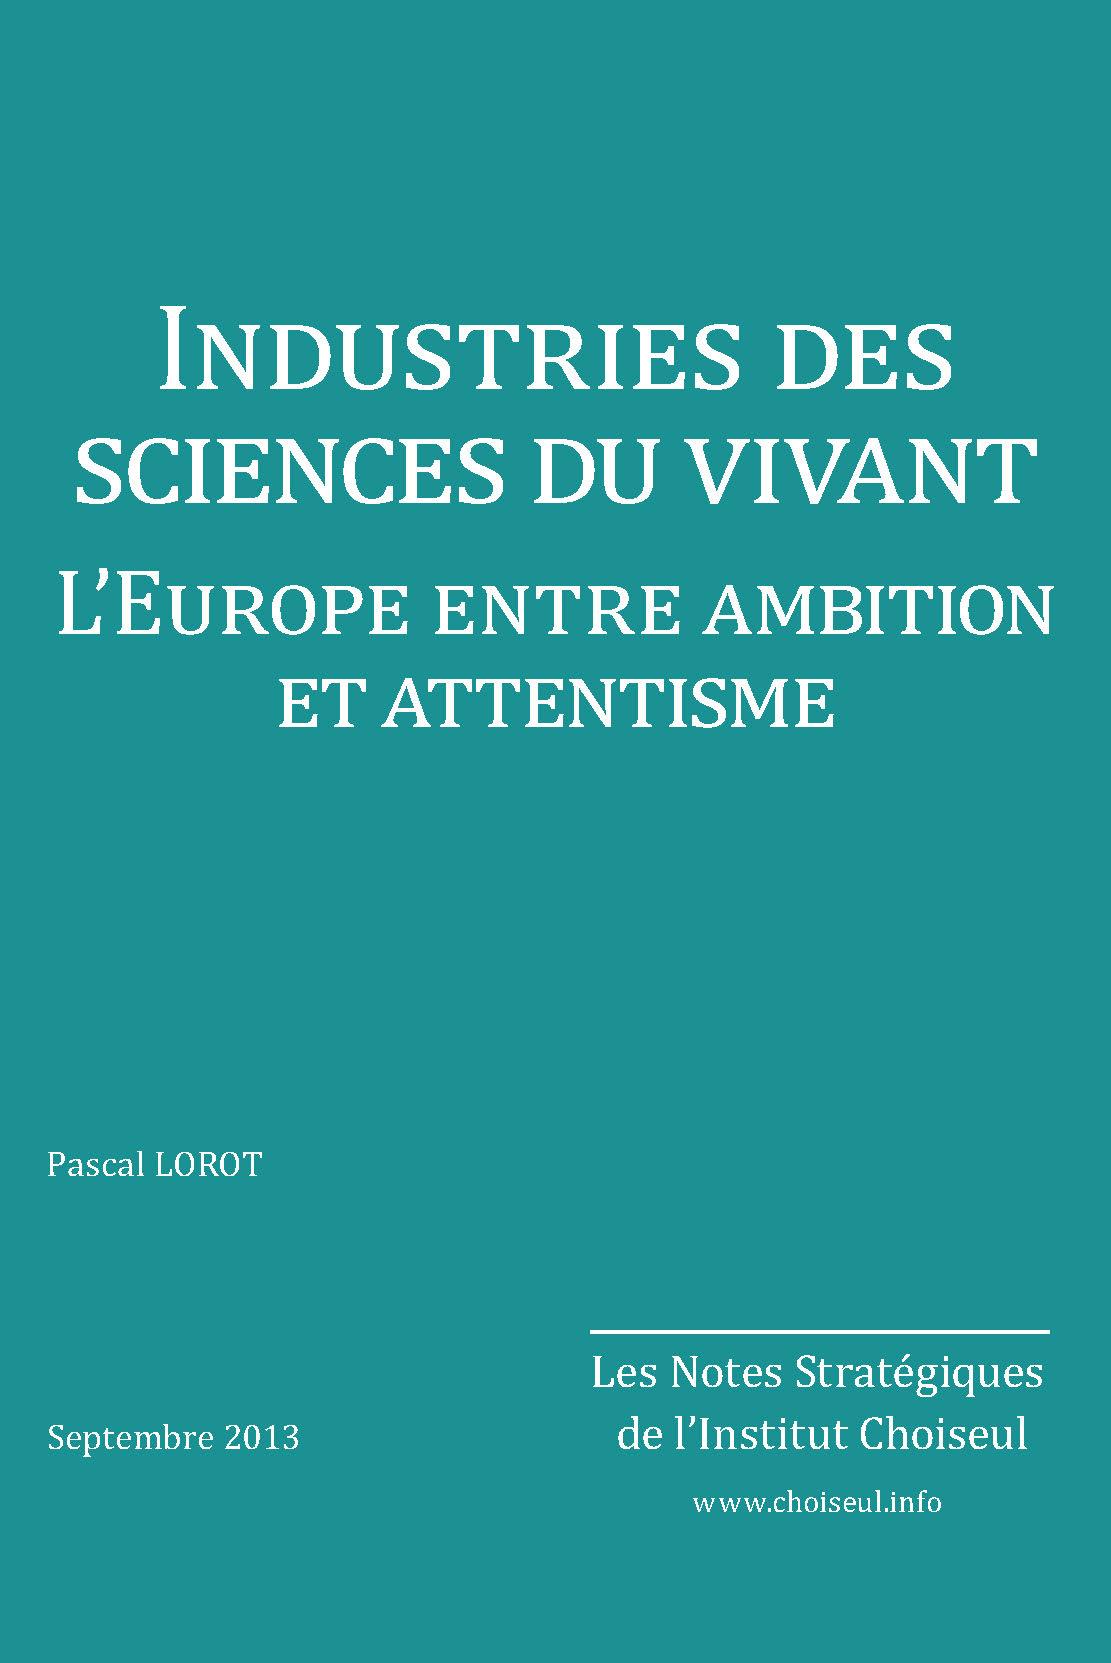 Industries des sciences du vivant. L'Europe entre ambition et attentisme